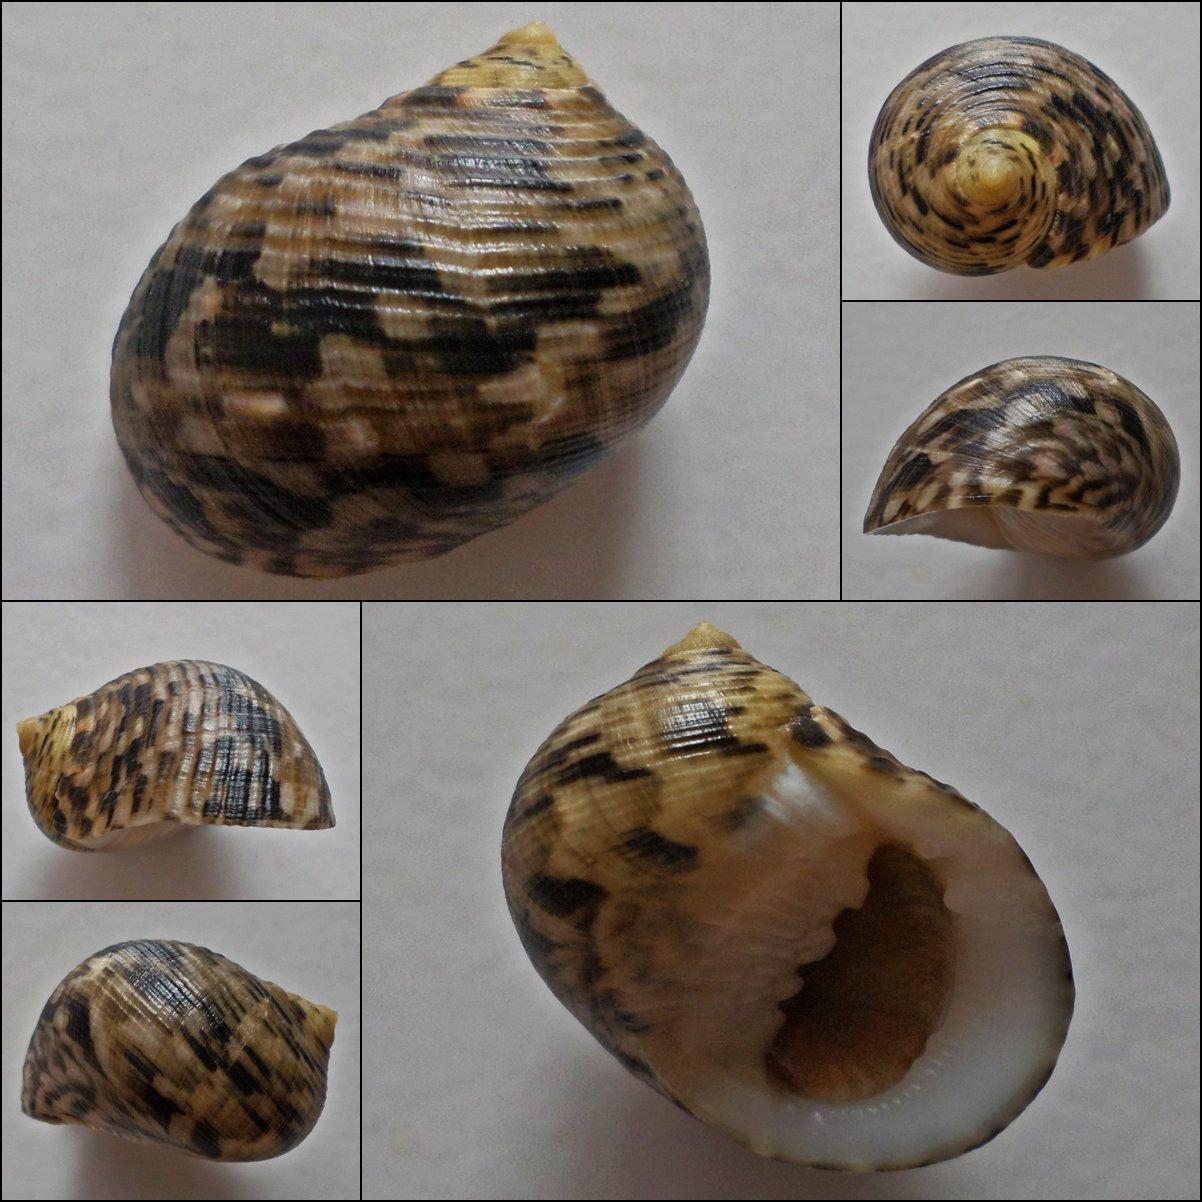 ACA07 - Nerita trifasciata 27.41mm